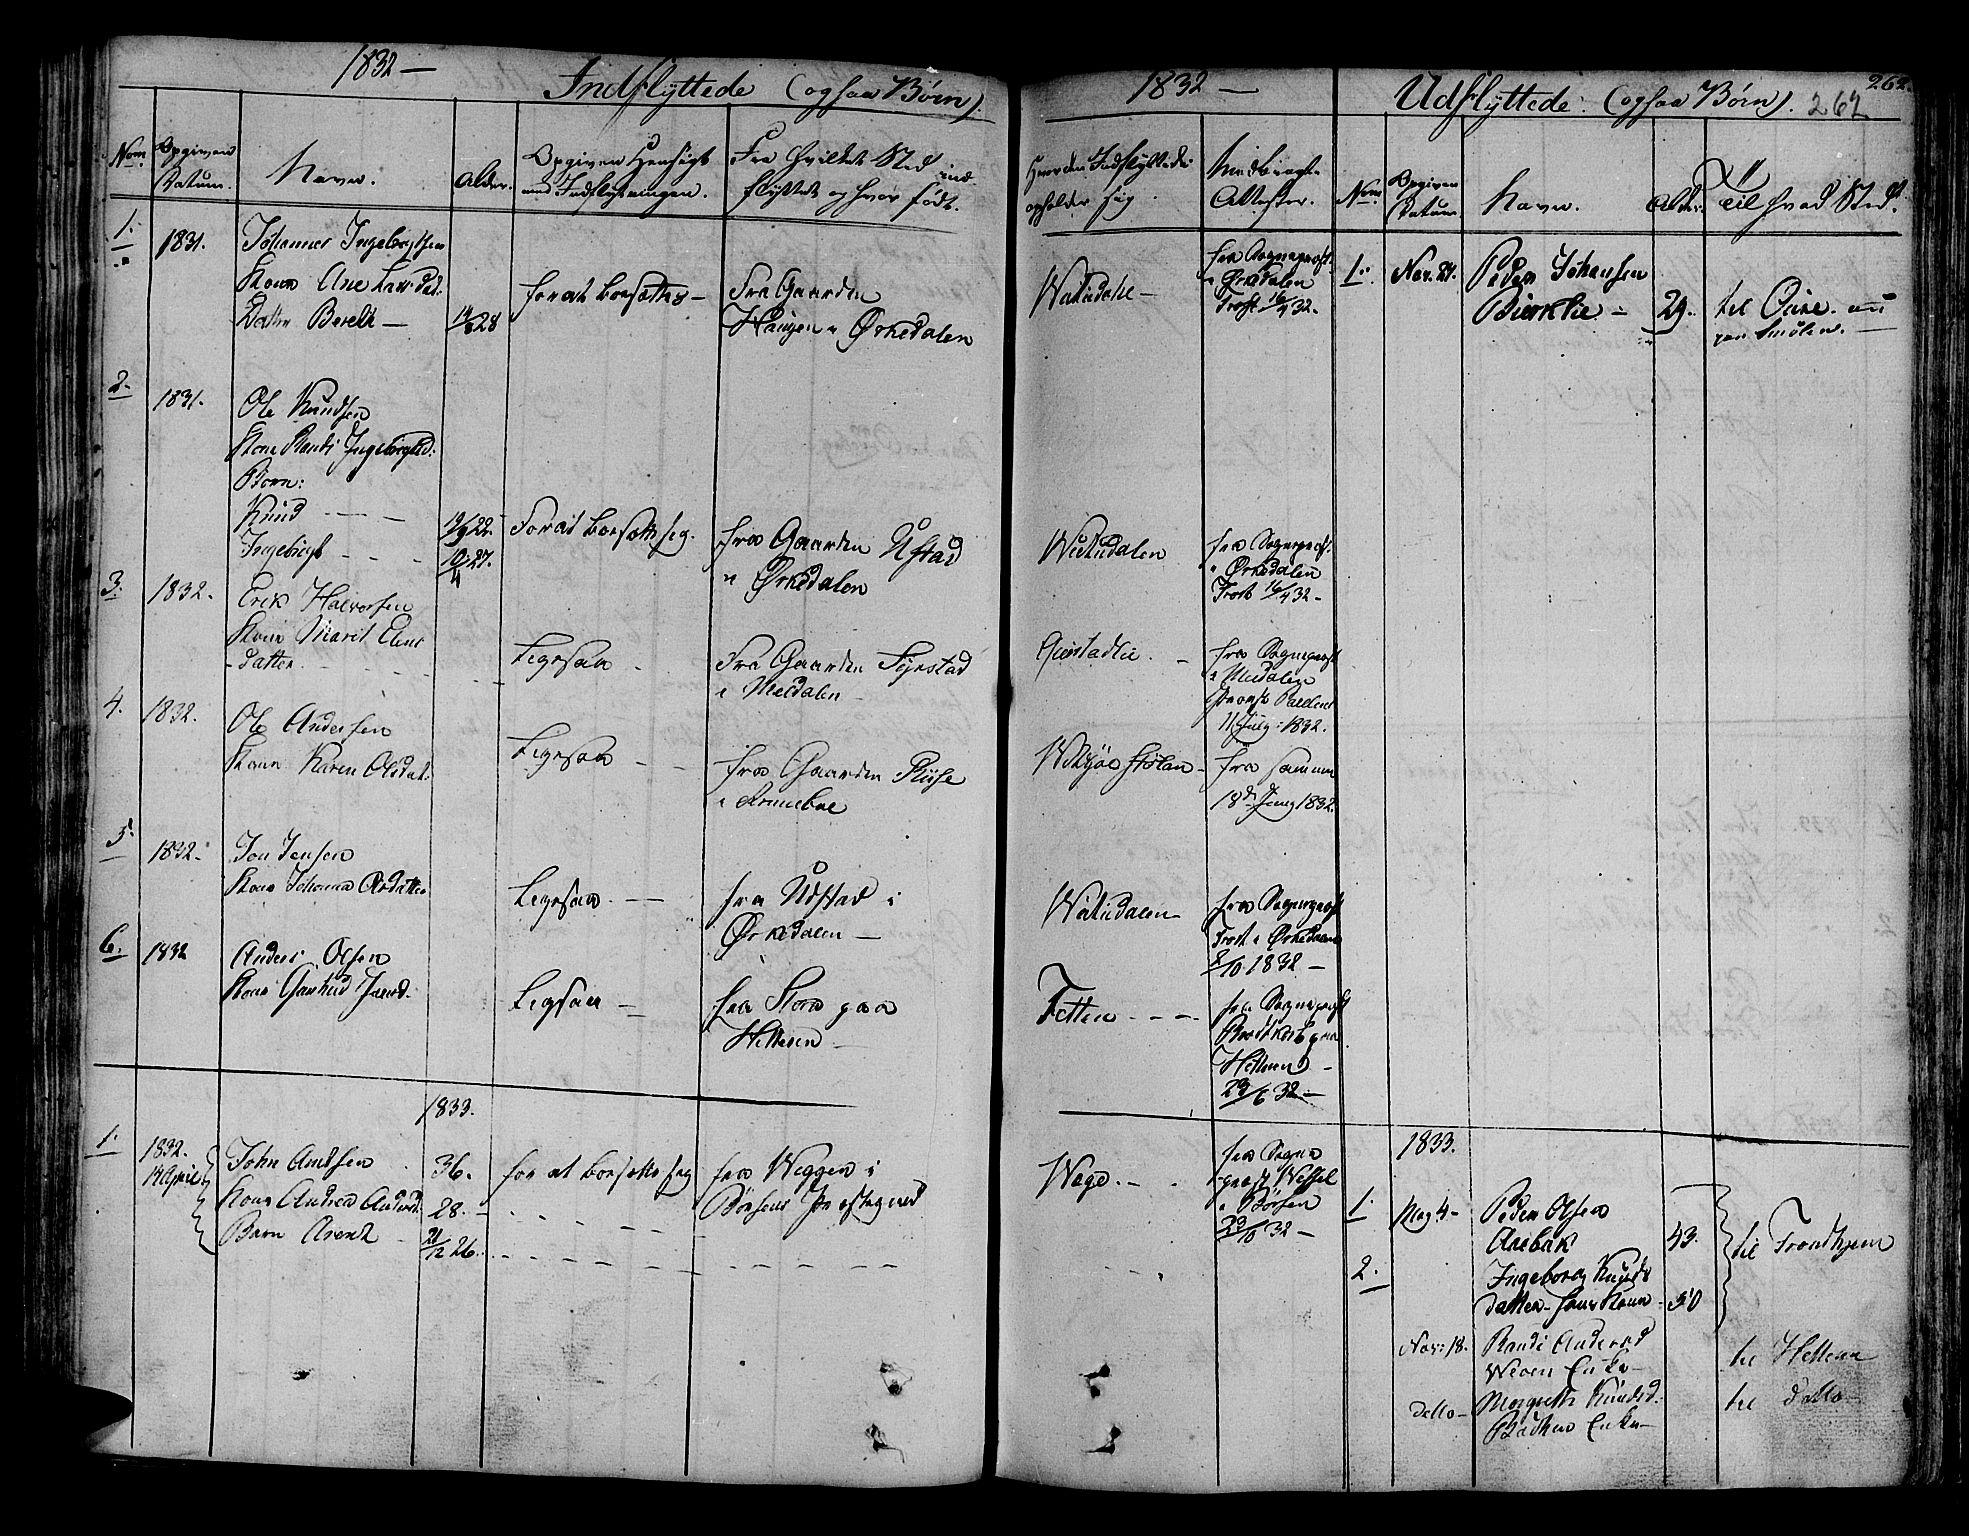 SAT, Ministerialprotokoller, klokkerbøker og fødselsregistre - Sør-Trøndelag, 630/L0492: Ministerialbok nr. 630A05, 1830-1840, s. 262